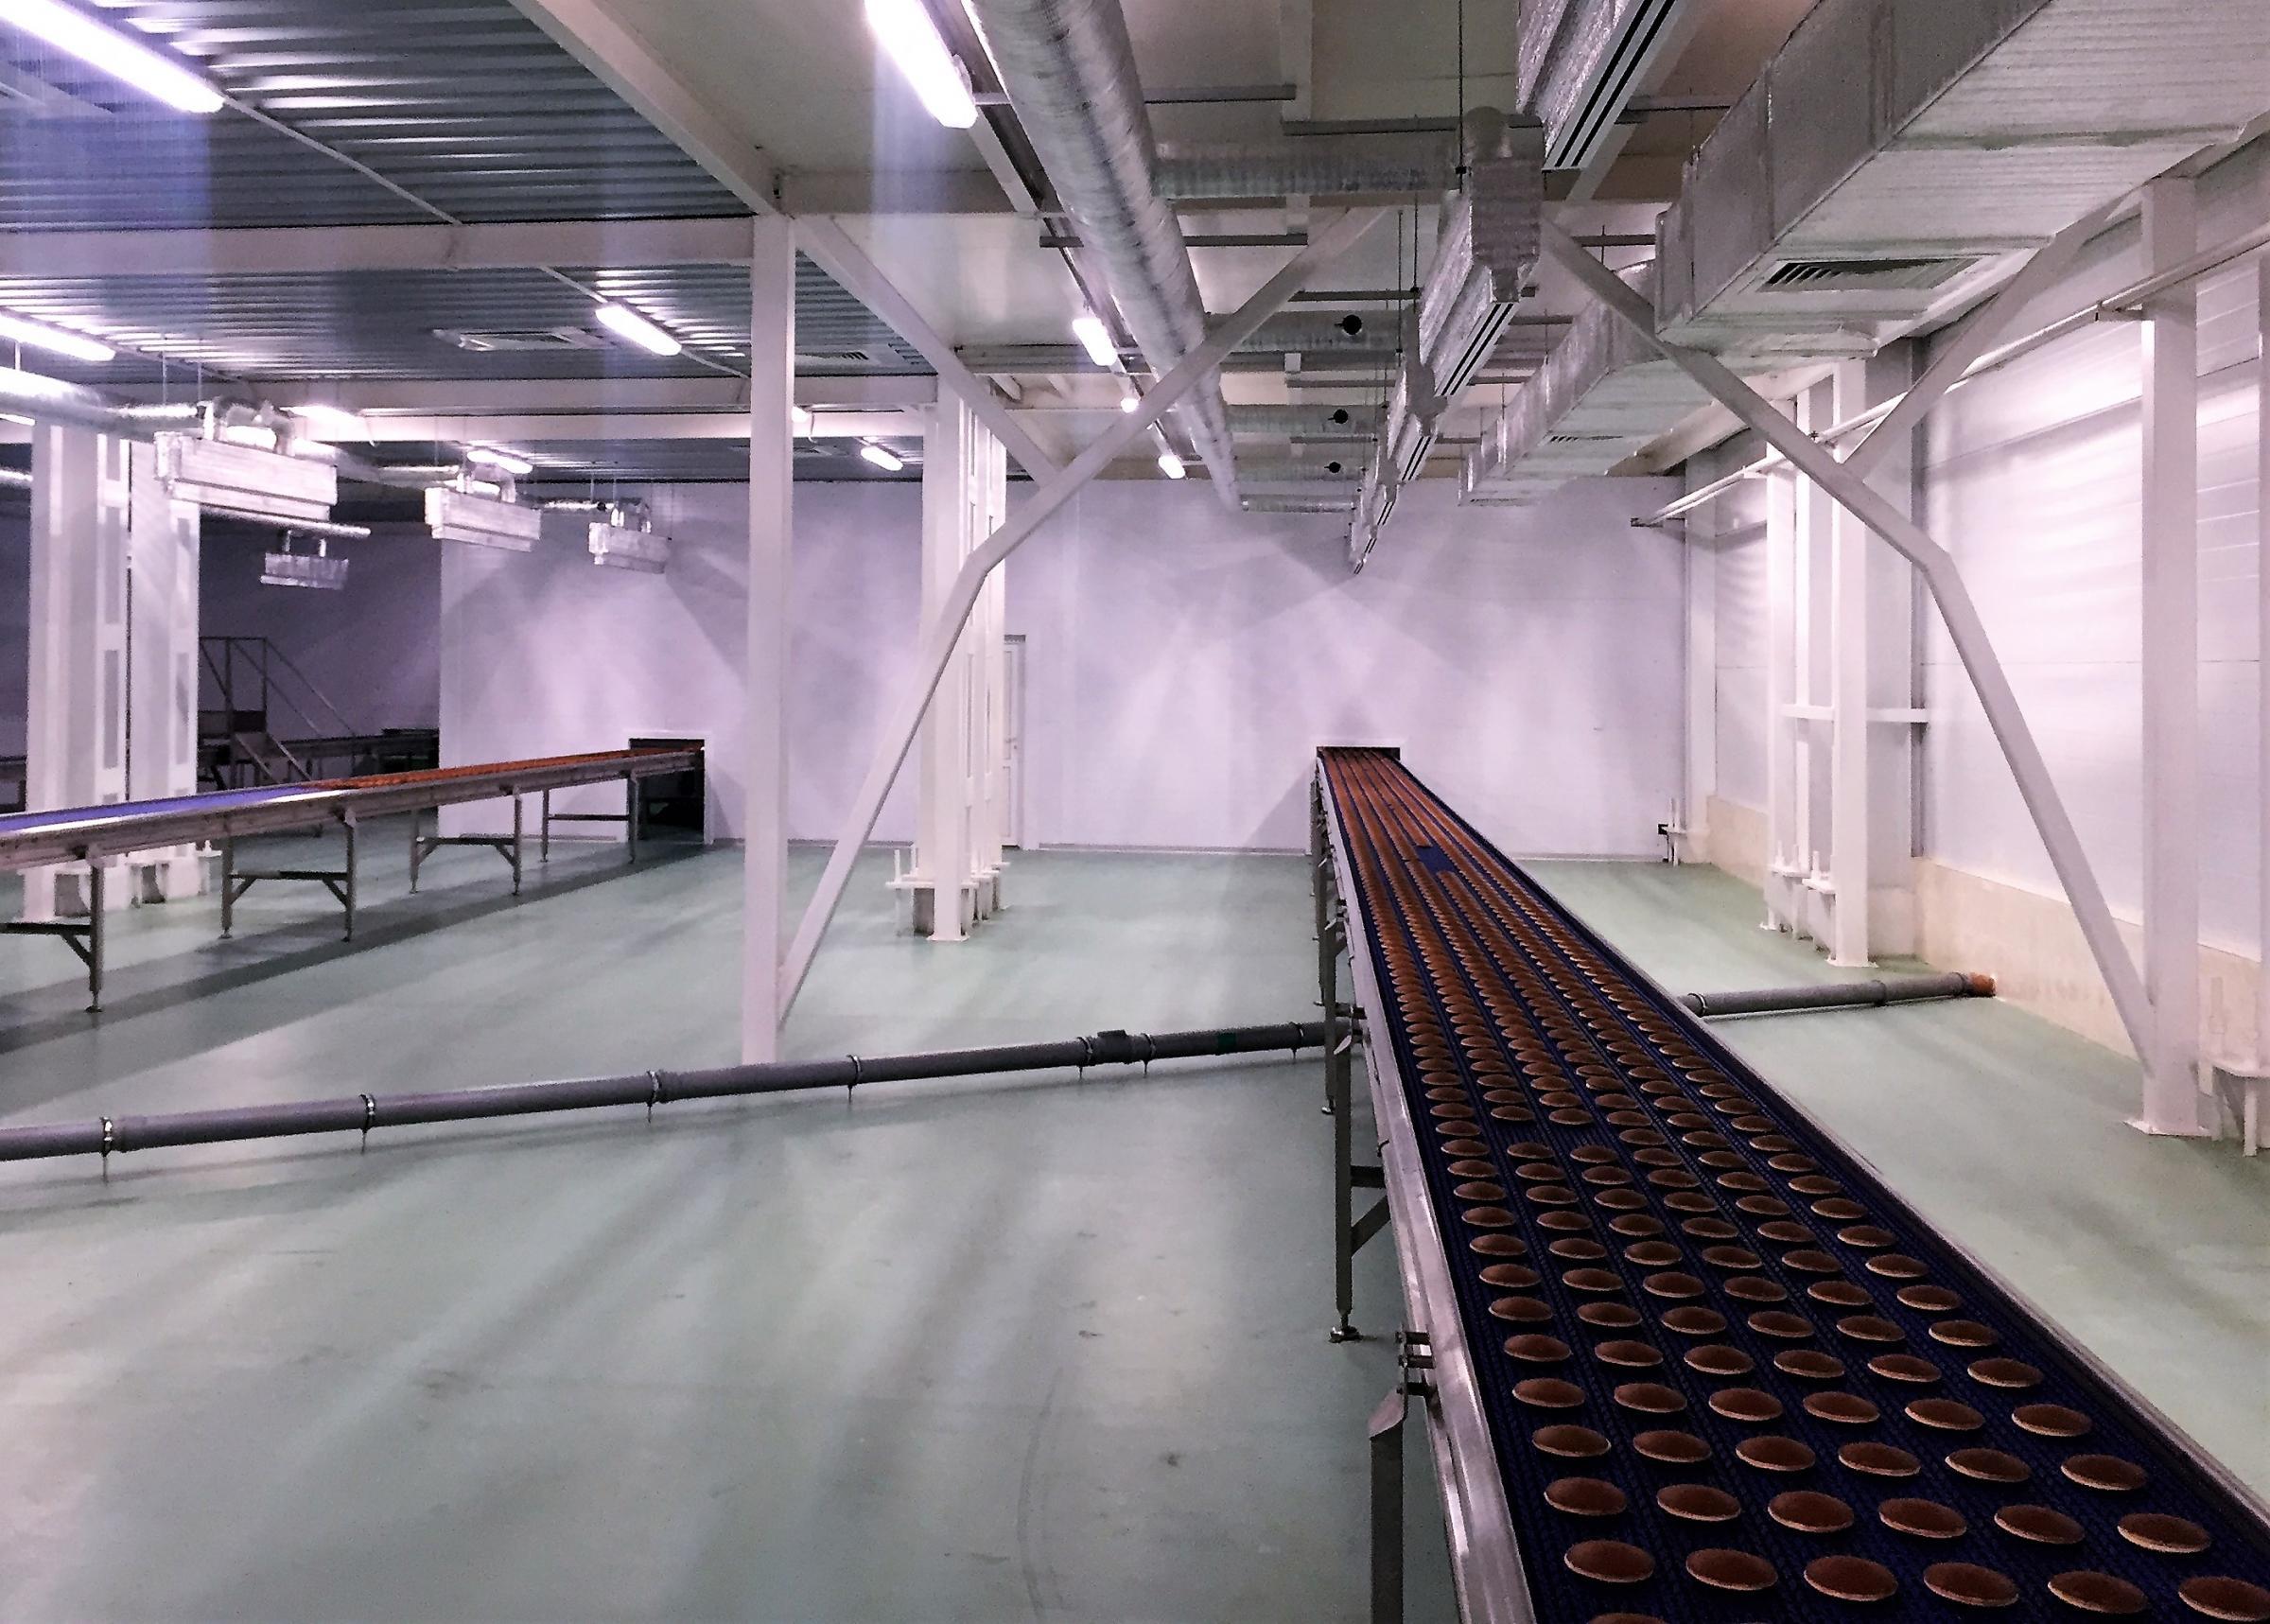 Как российские инженеры перенесли технологию обеззараживания воздуха из космоса в пищевое производство